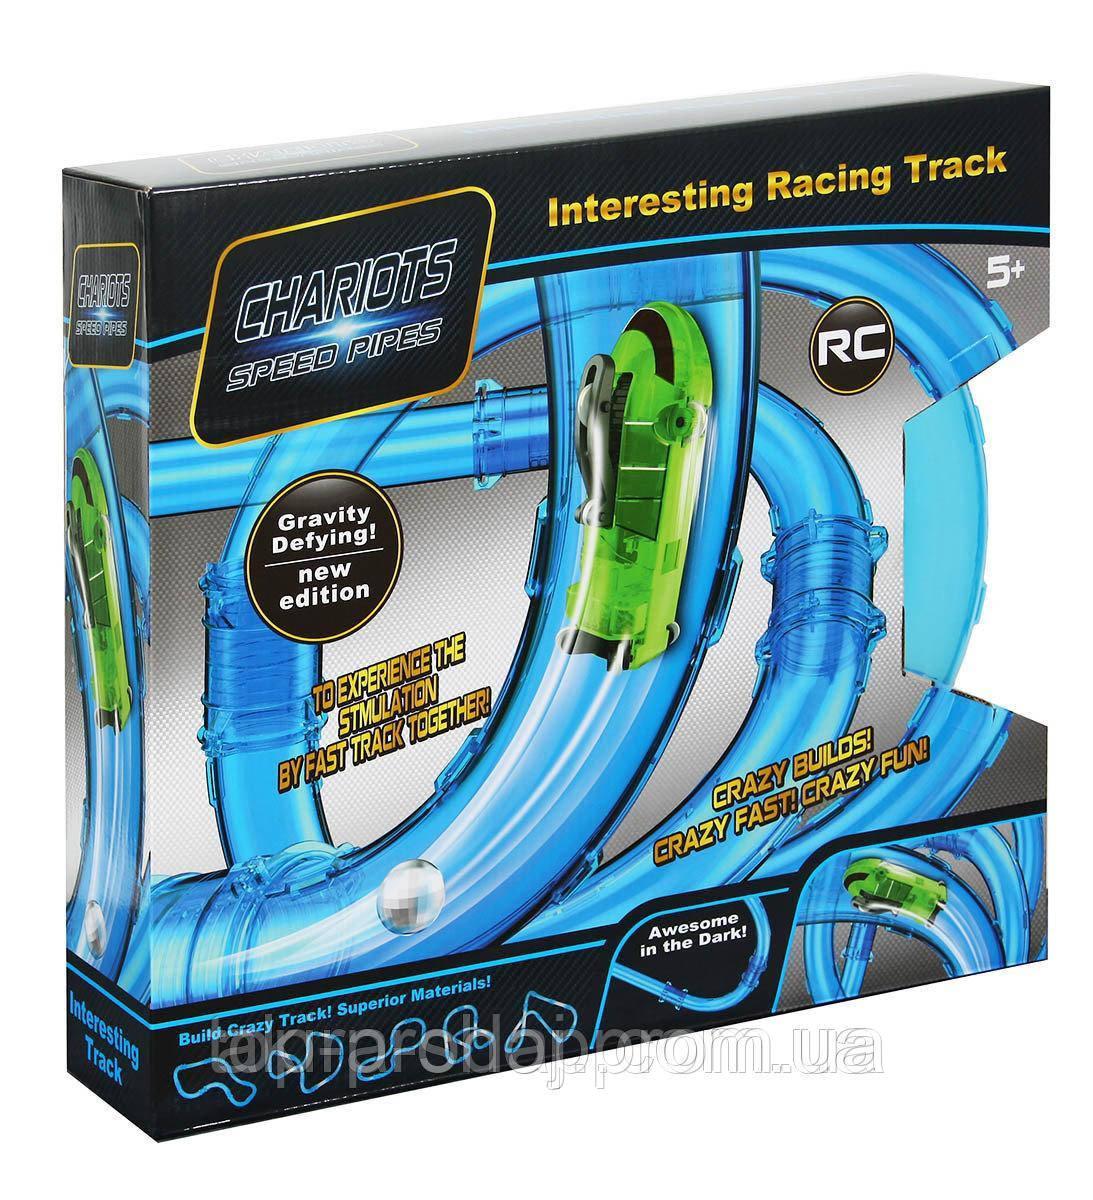 Трубопроводные гонки Chariots Speed Pipes, Трубопроводный автотрек, Детский автотрек, Гоночный трек детский